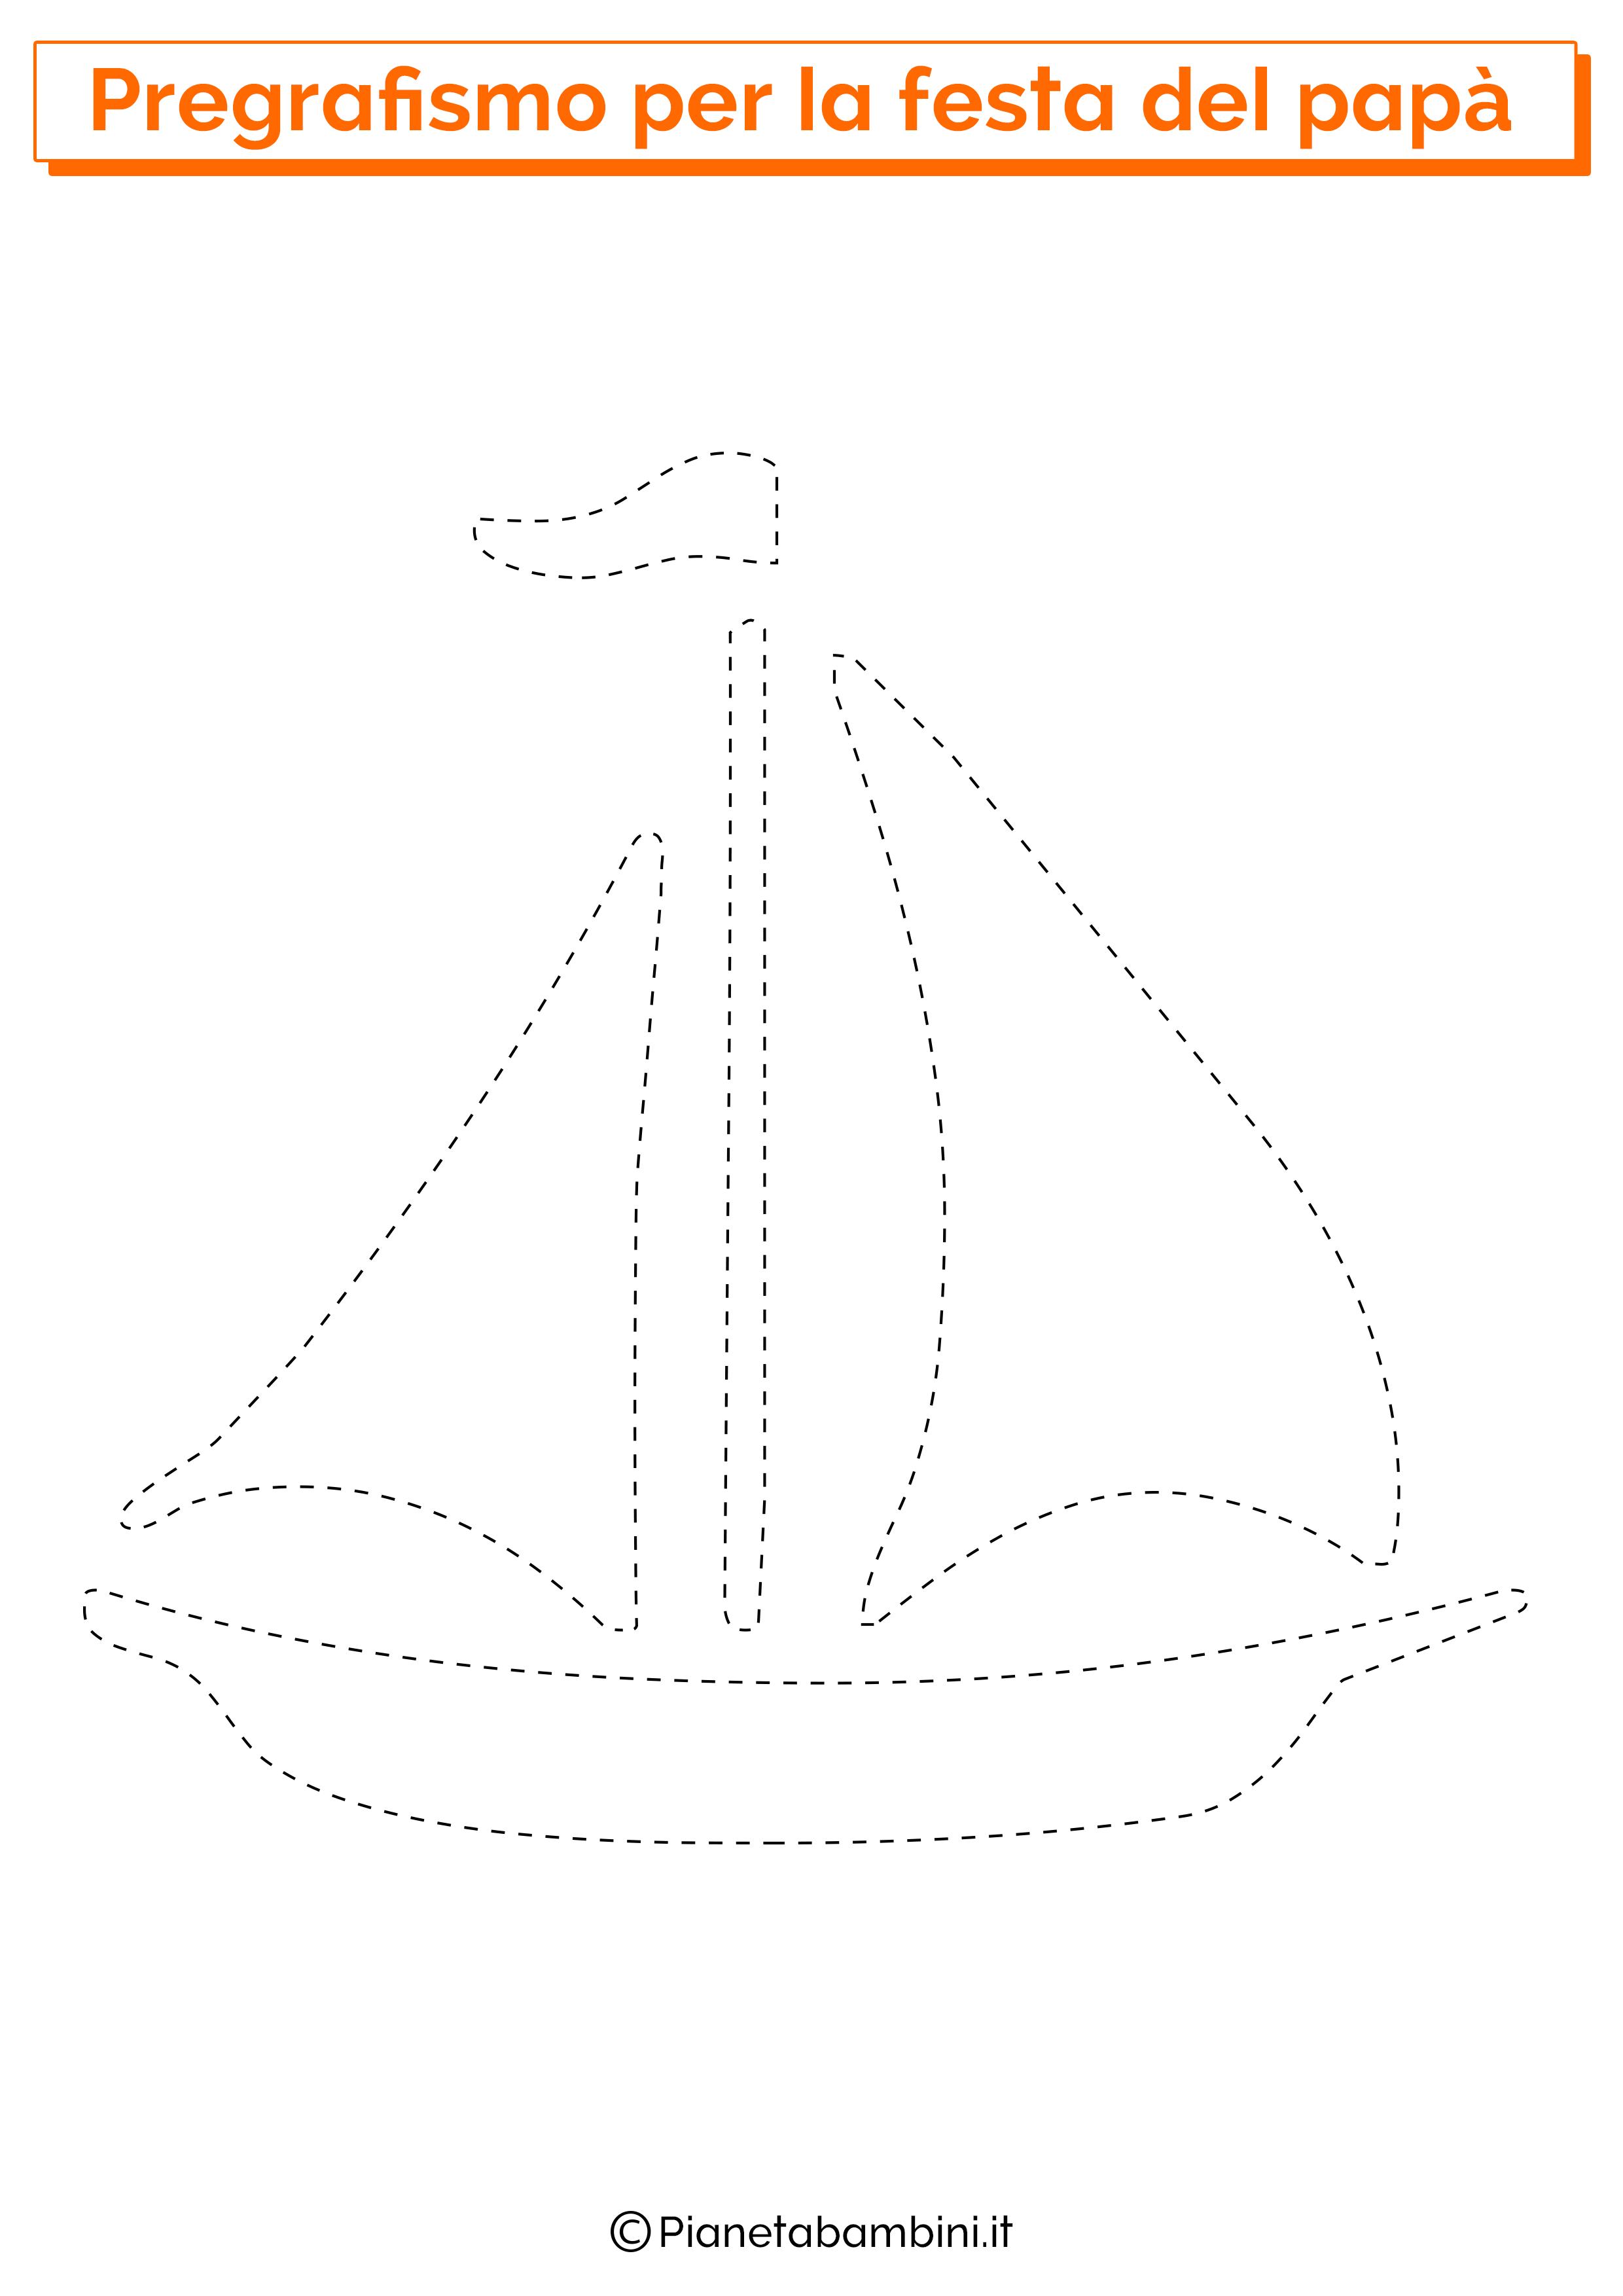 Scheda di pregrafismo con barca per la festa del papà